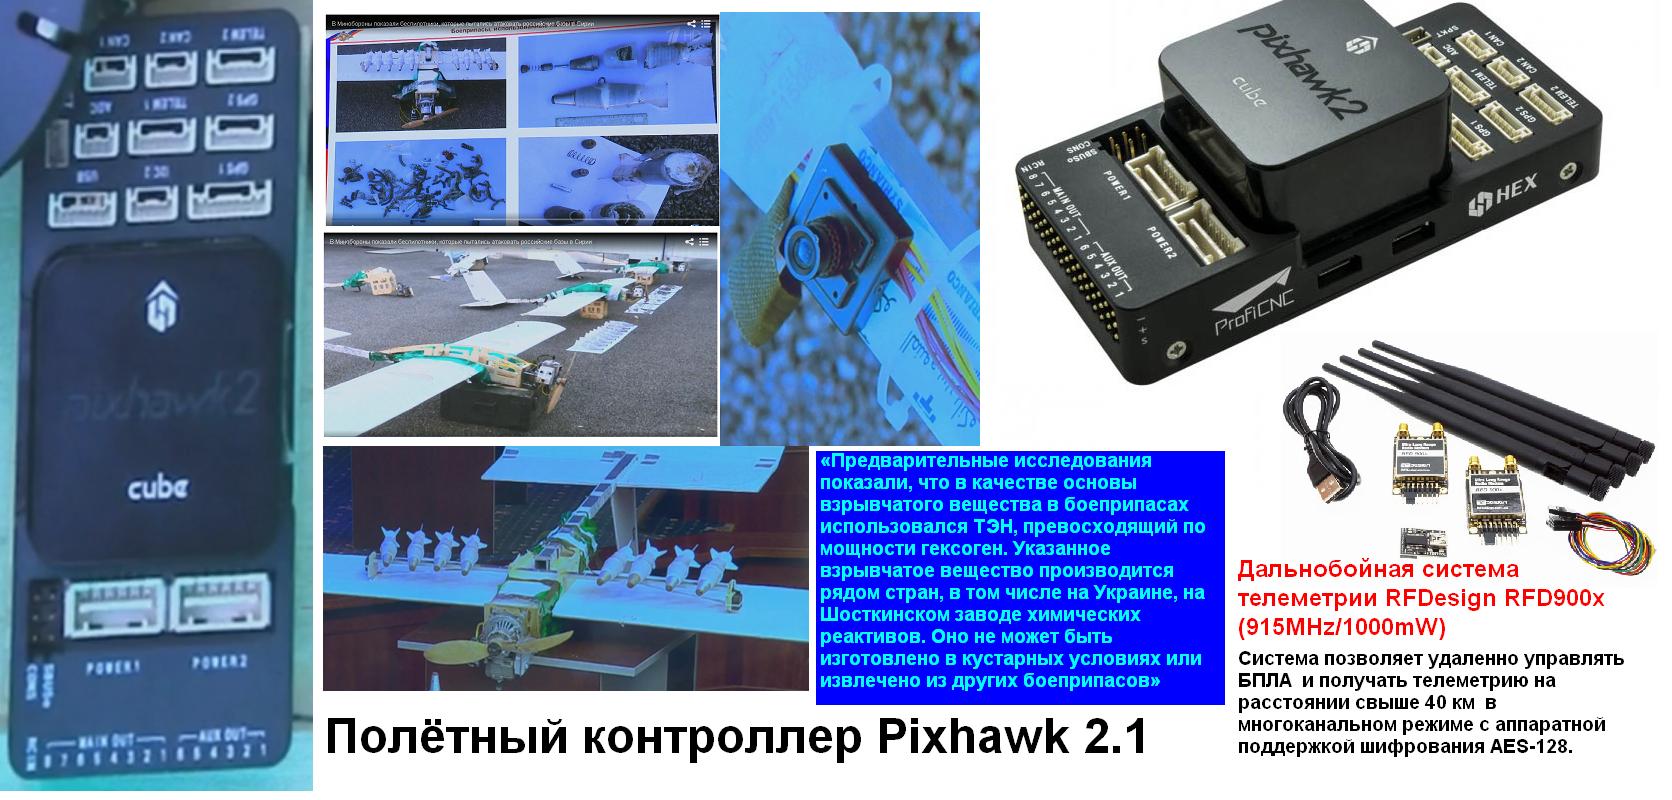 Полетный контроллер террористов.PNG